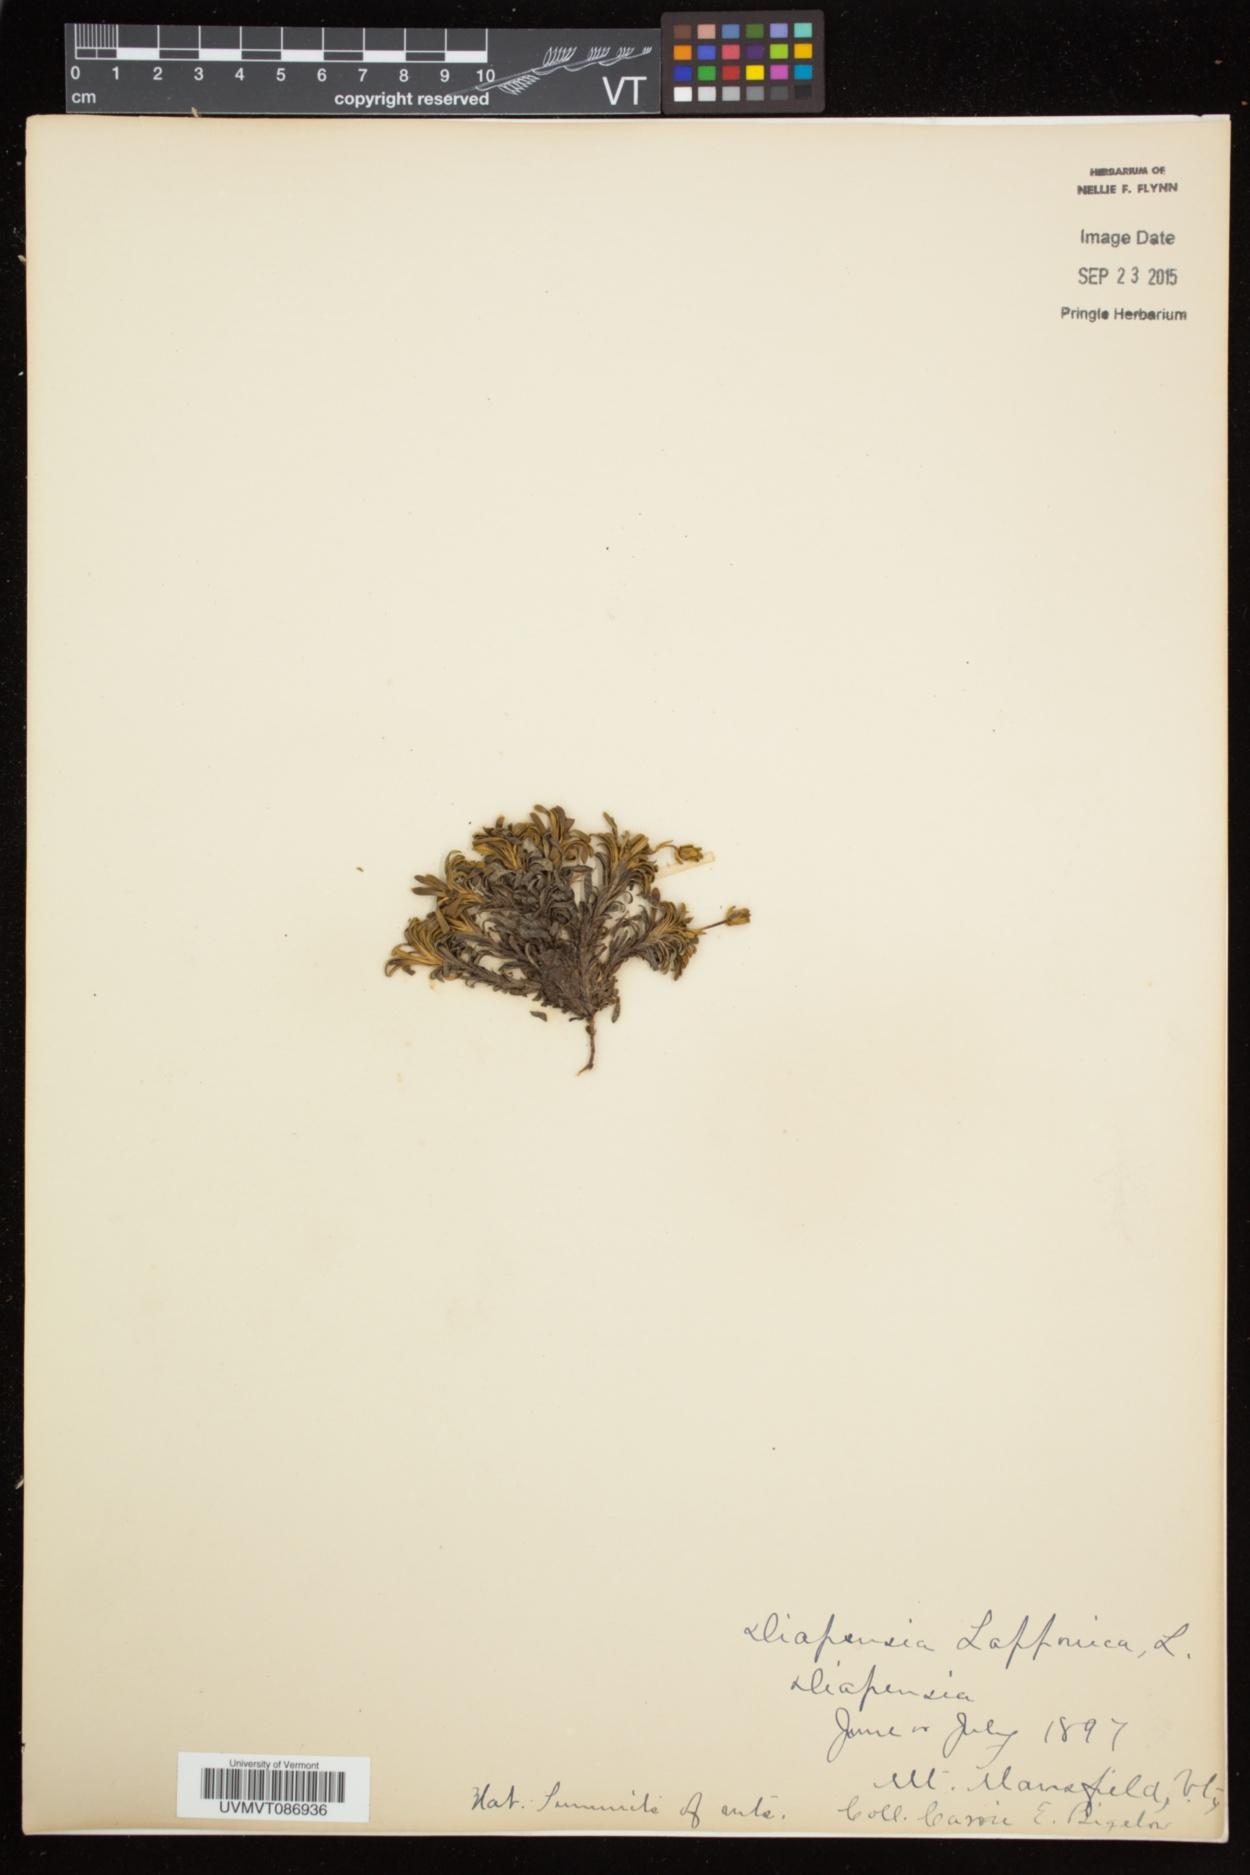 Diapensia lapponica subsp. lapponica image